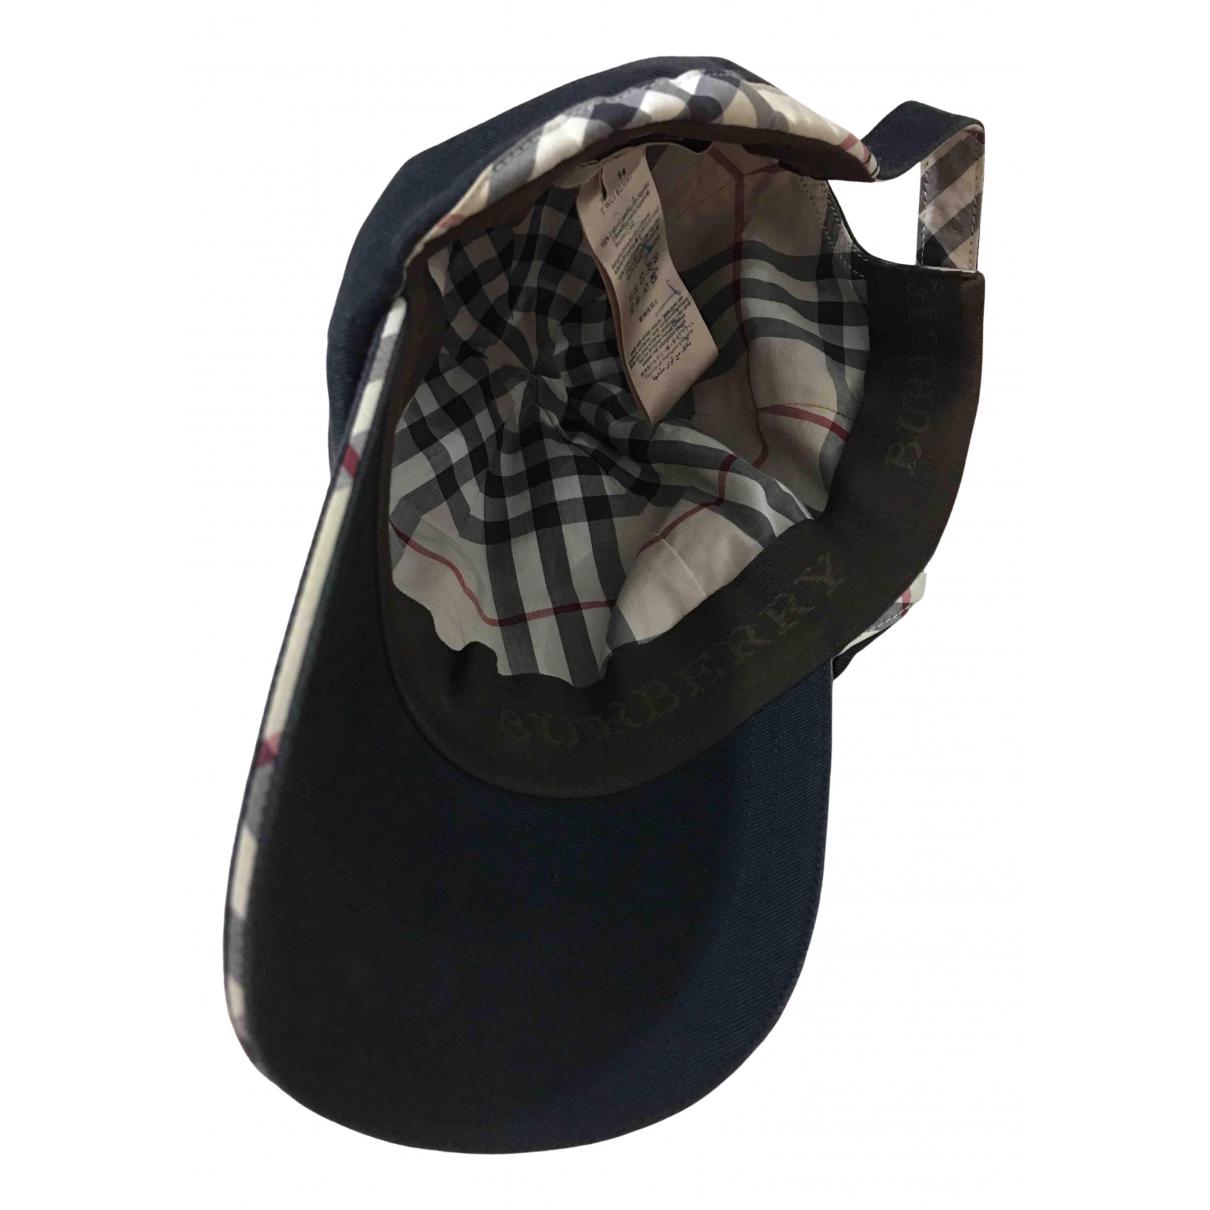 Burberry \N Hut, Muetzen, Handschuhe in  Marine Baumwolle